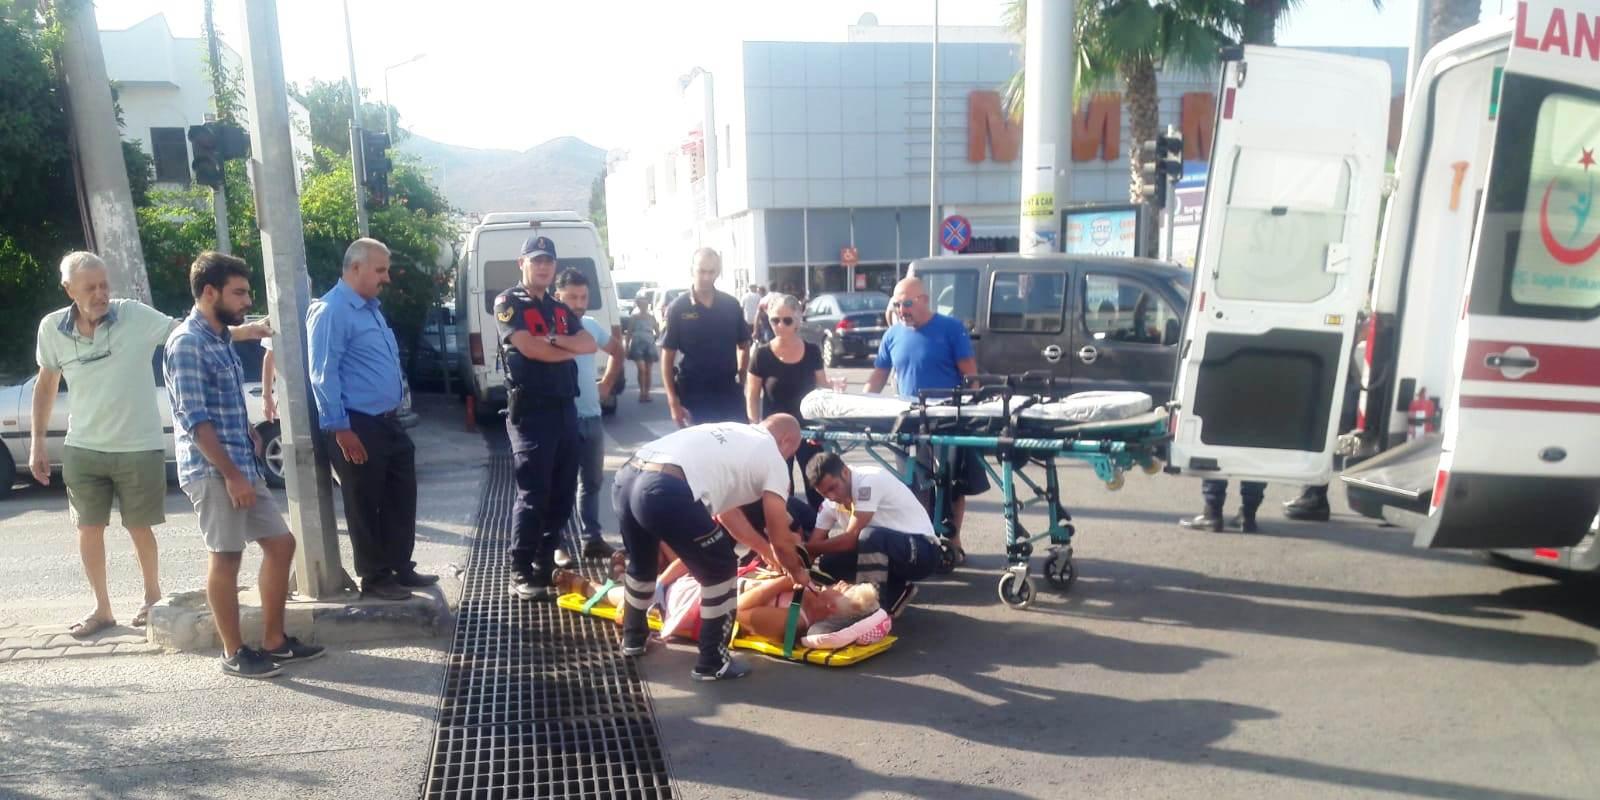 turgutreis kaza TRAFİK IŞIKLARINA DİKKAT!!! turgutreis kaza 2 1